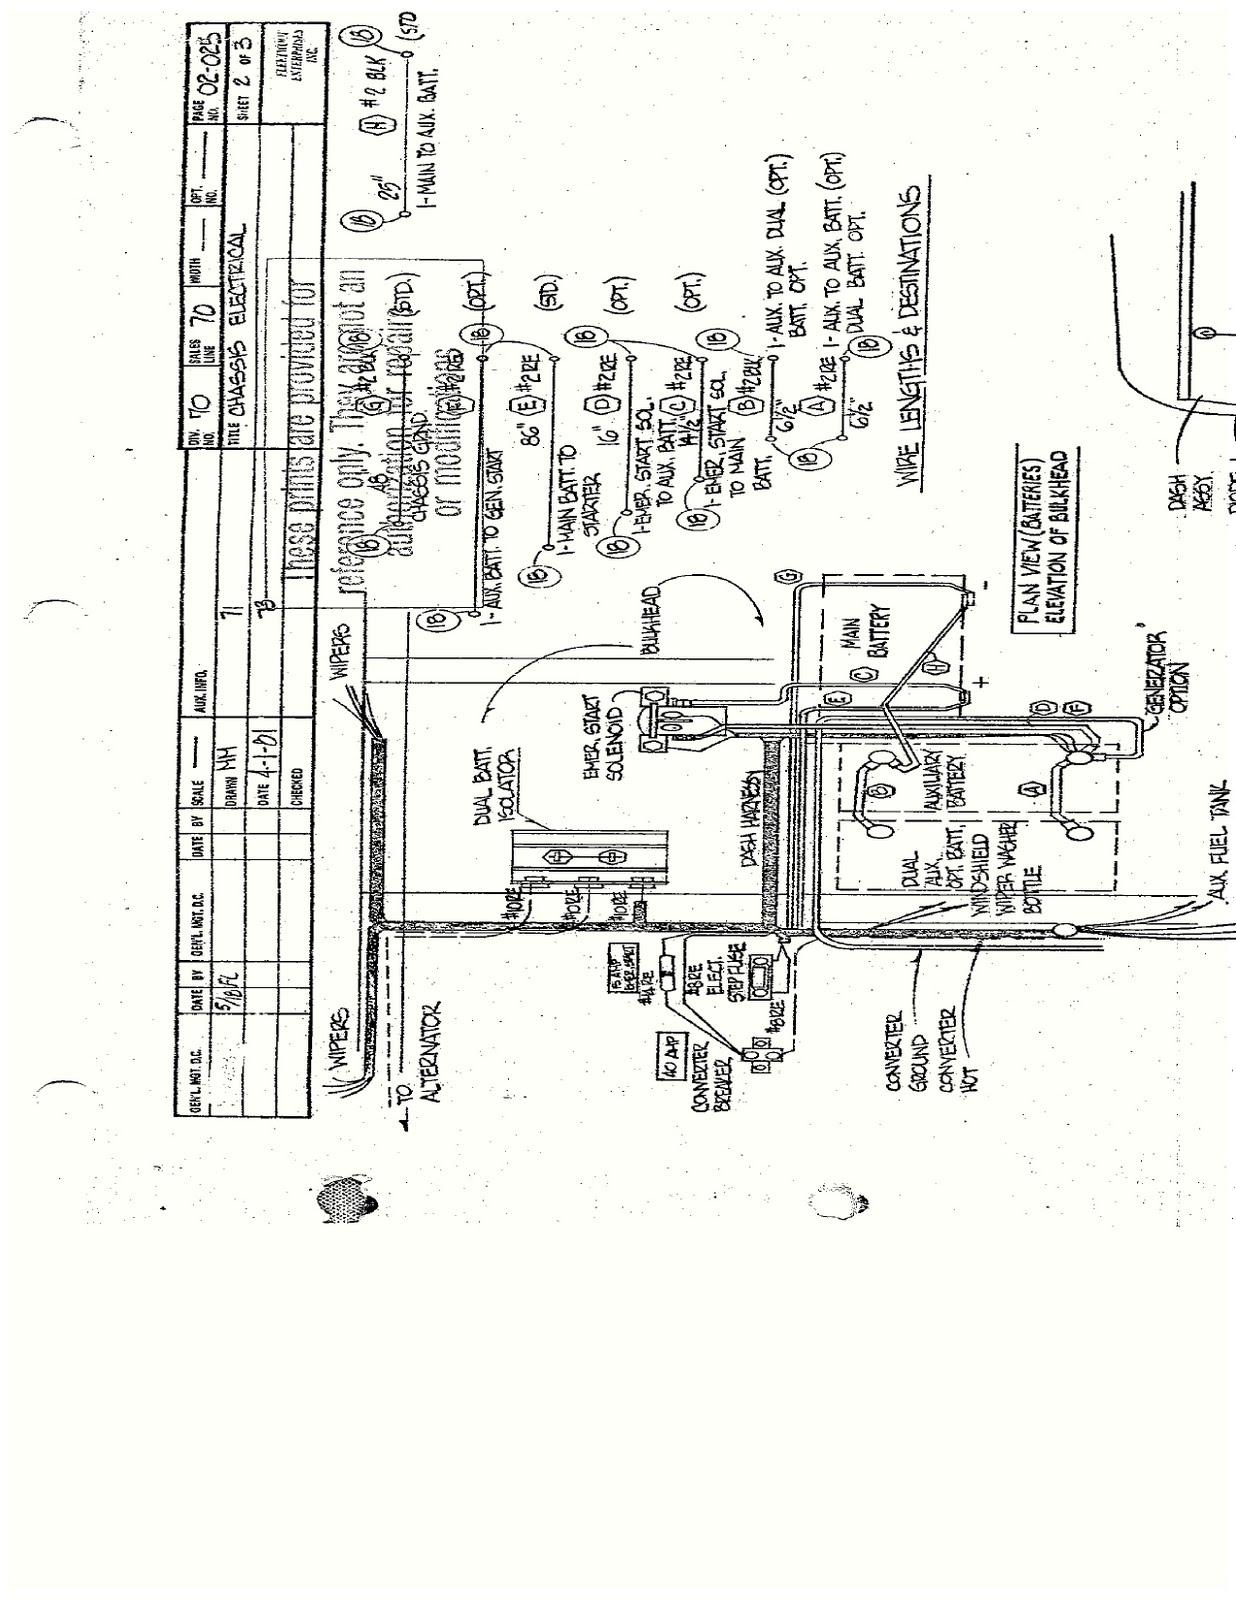 39r Fleetwood Bounder Motorhome Wiring Diagram